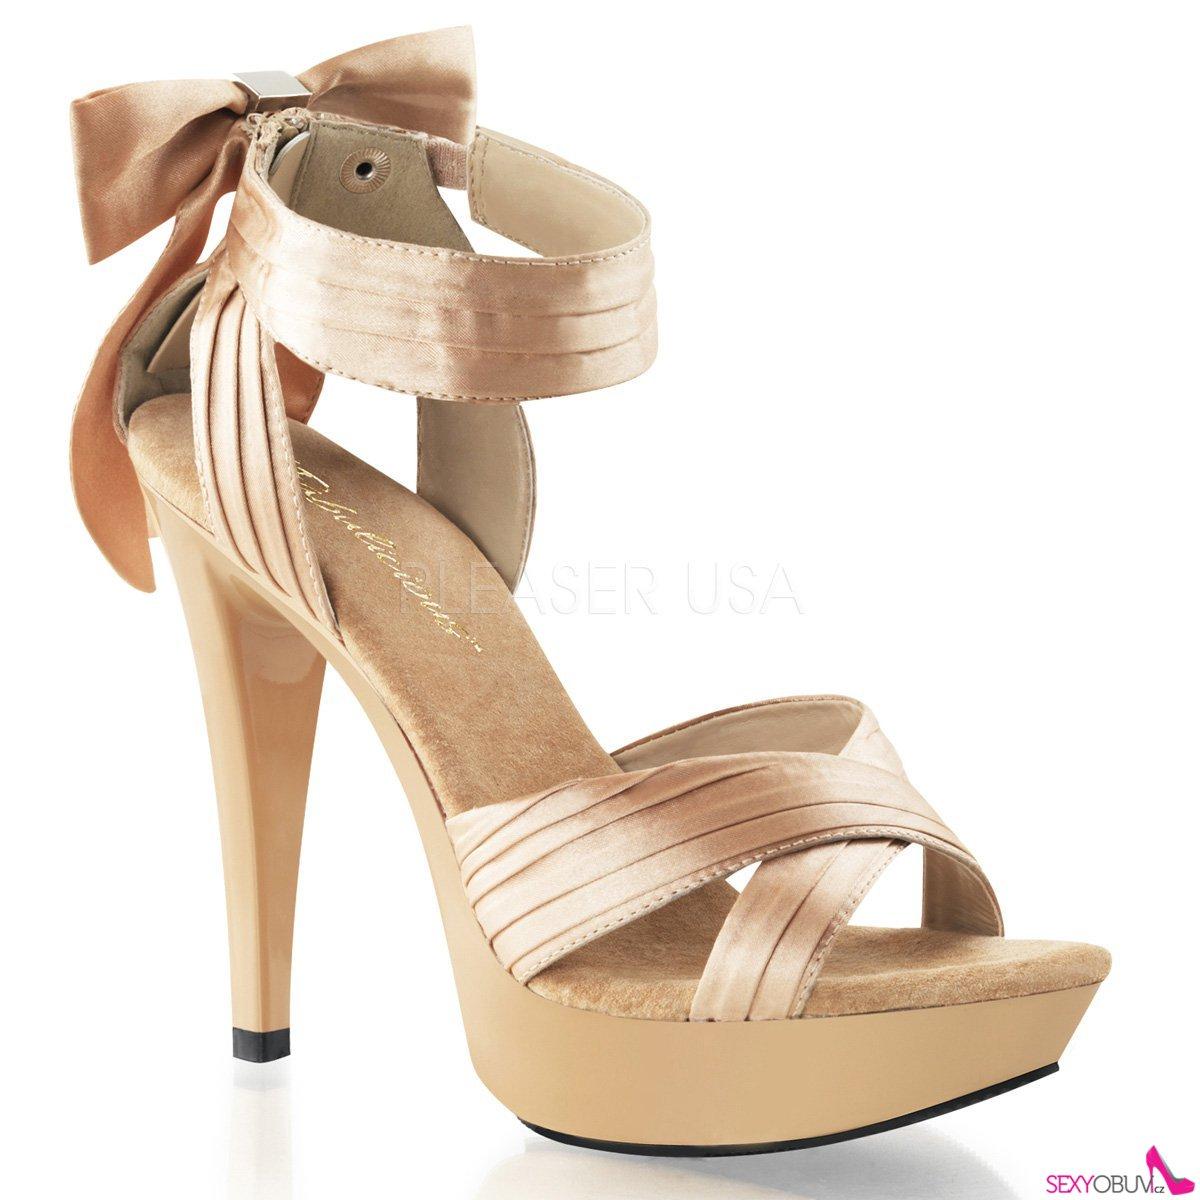 COCKTAIL-568 Luxusní šampaň společenské boty na podpatku  e5de478801